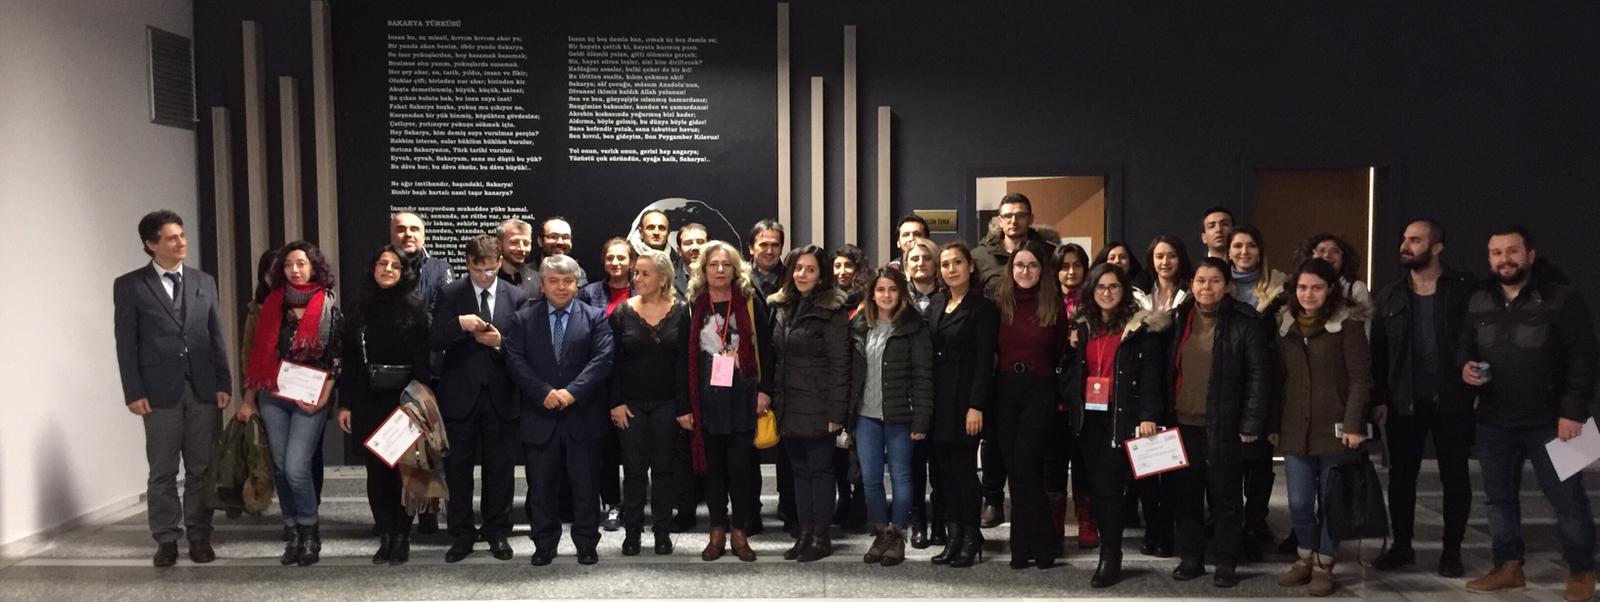 İstanbul Milli Eğitim Müdürlüğü bünyesinde düzenlenen Palyatif Bakım eğitimi tamamlandı.